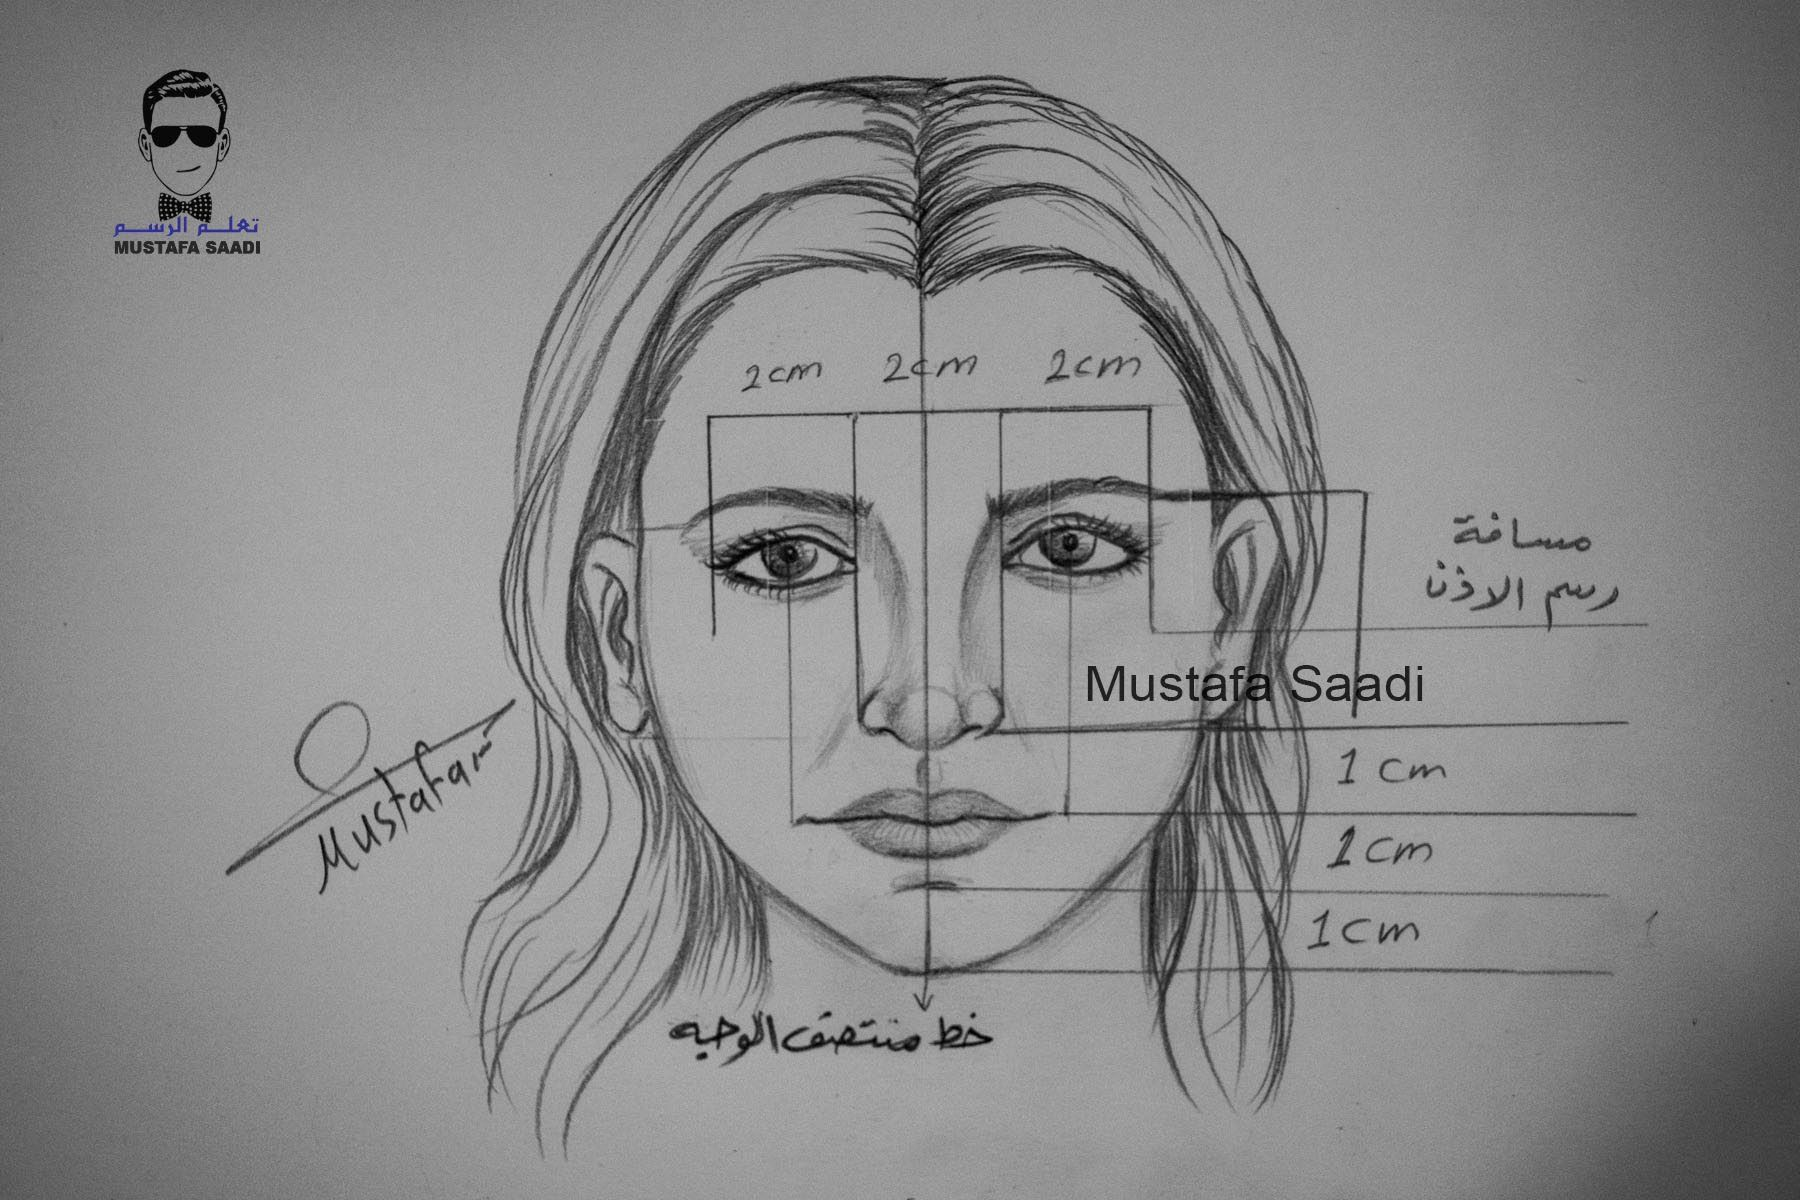 نسب الوجه تعلم رسم الوجه خطوة بخطوة للمبتدئين Youtube Art Pencil Art Drawings Art Pages